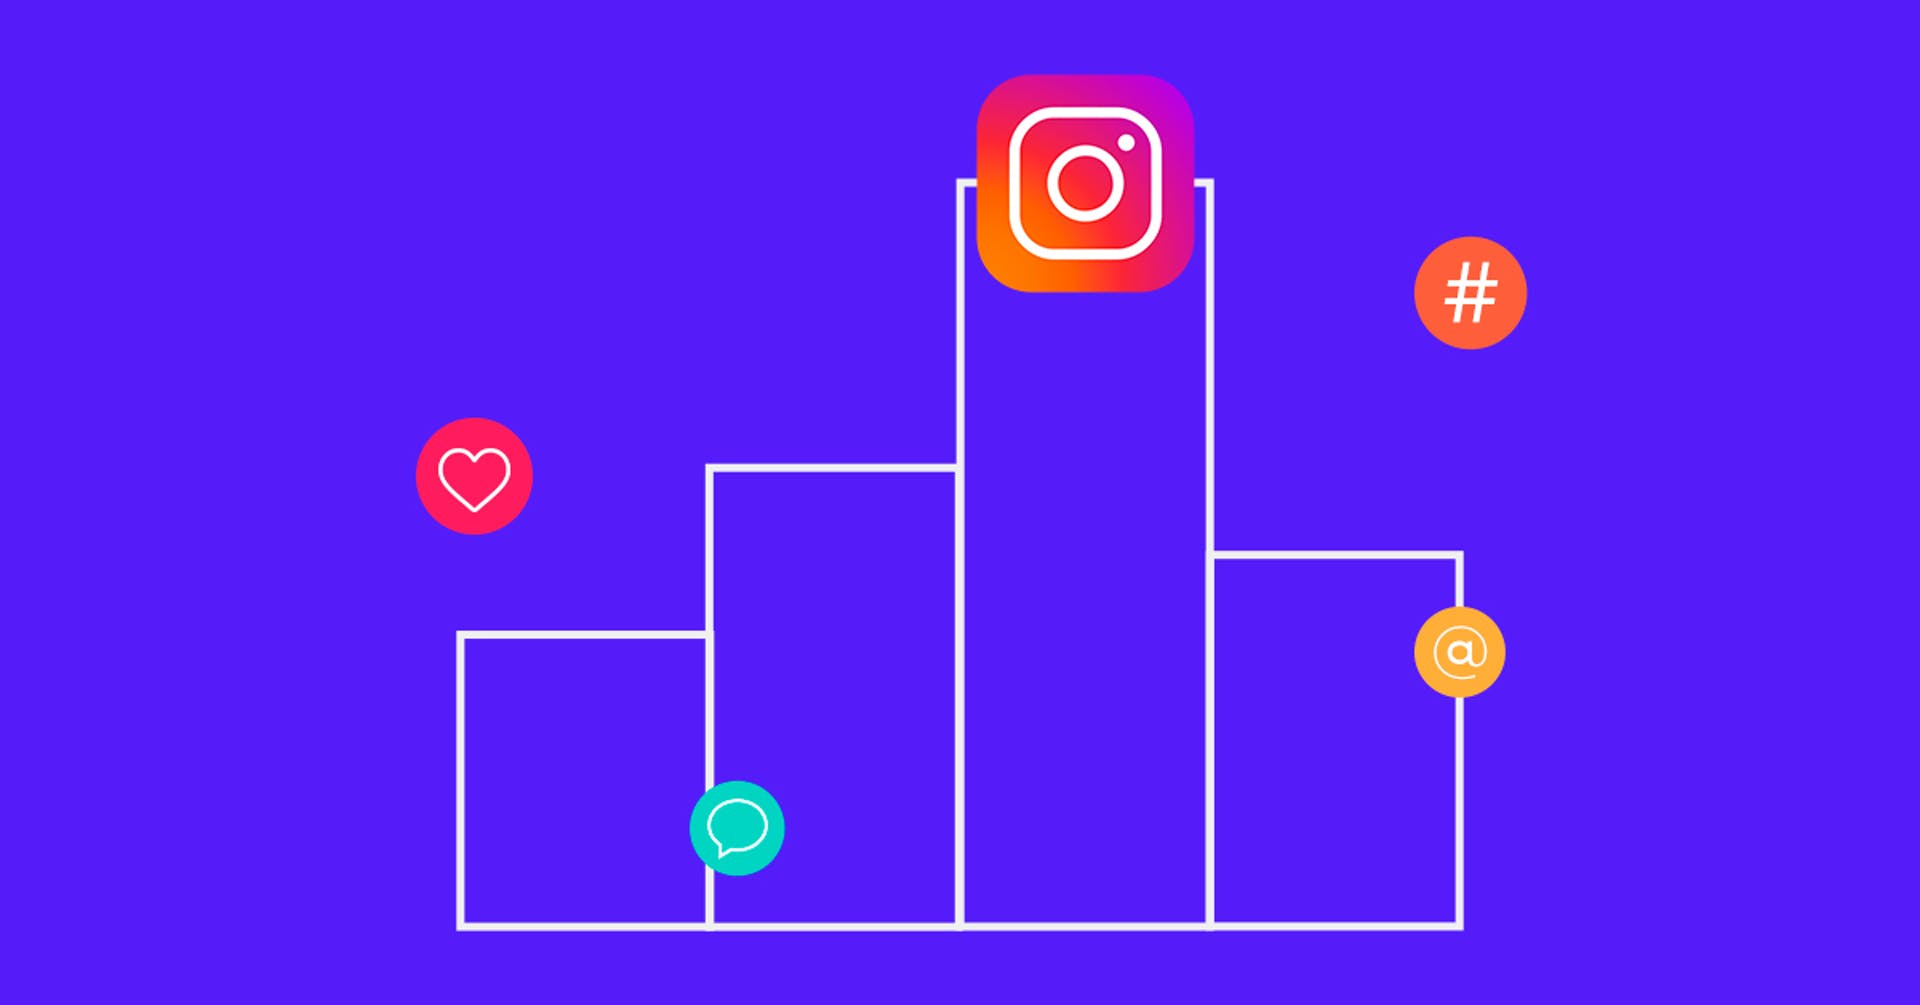 ¿Qué son las impresiones en Instagram? Descubre si tu contenido está cautivando a tus seguidores